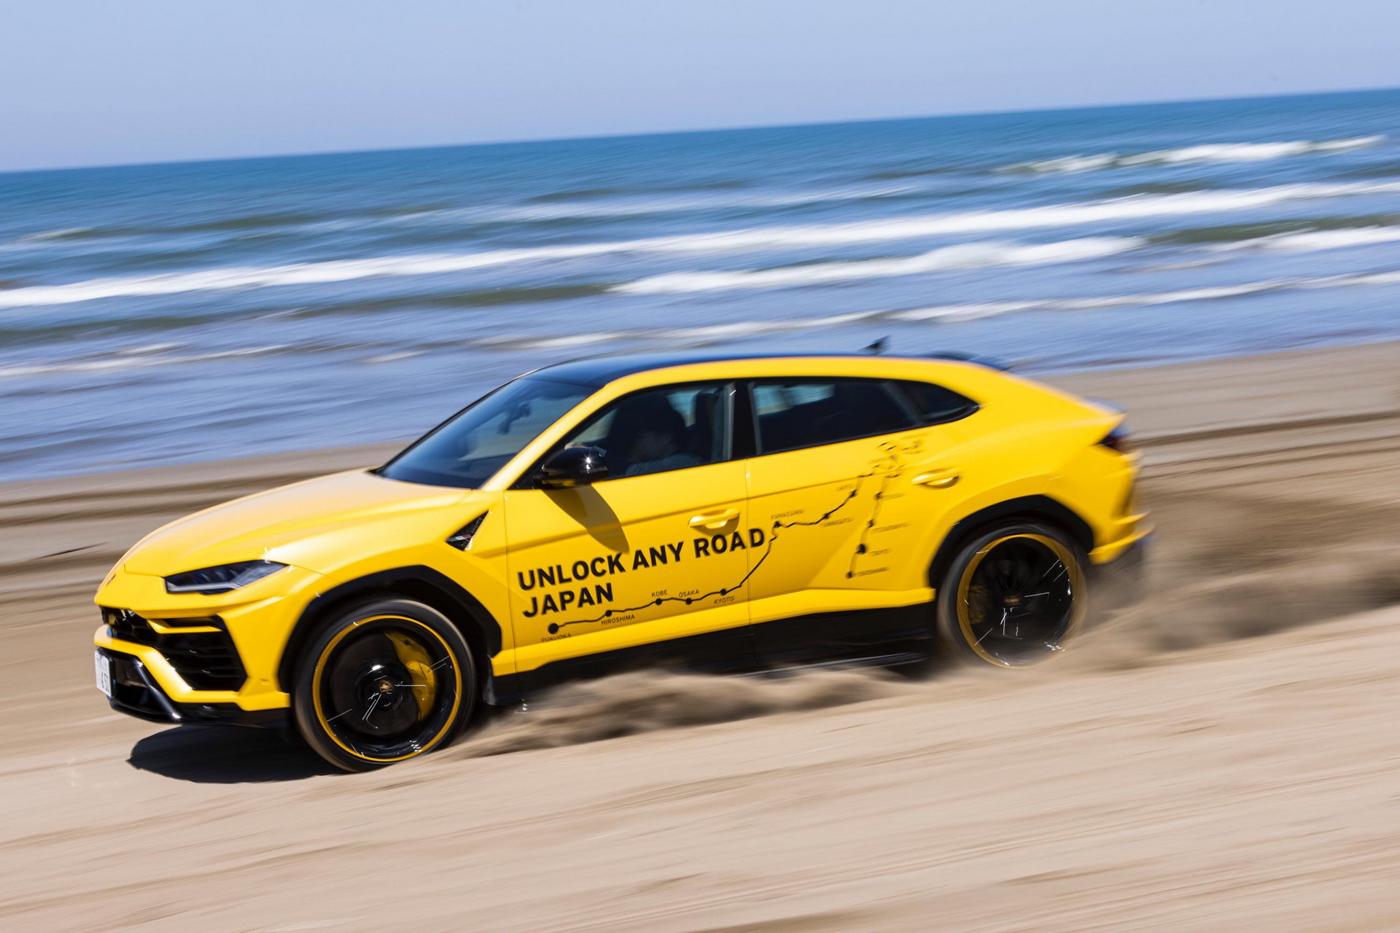 Bộ-đôi-Lamborghini-Urus-vượt-hơn-6.500-km-trong-hành-trình-xuyên-Nhật-Bản (36).jpg